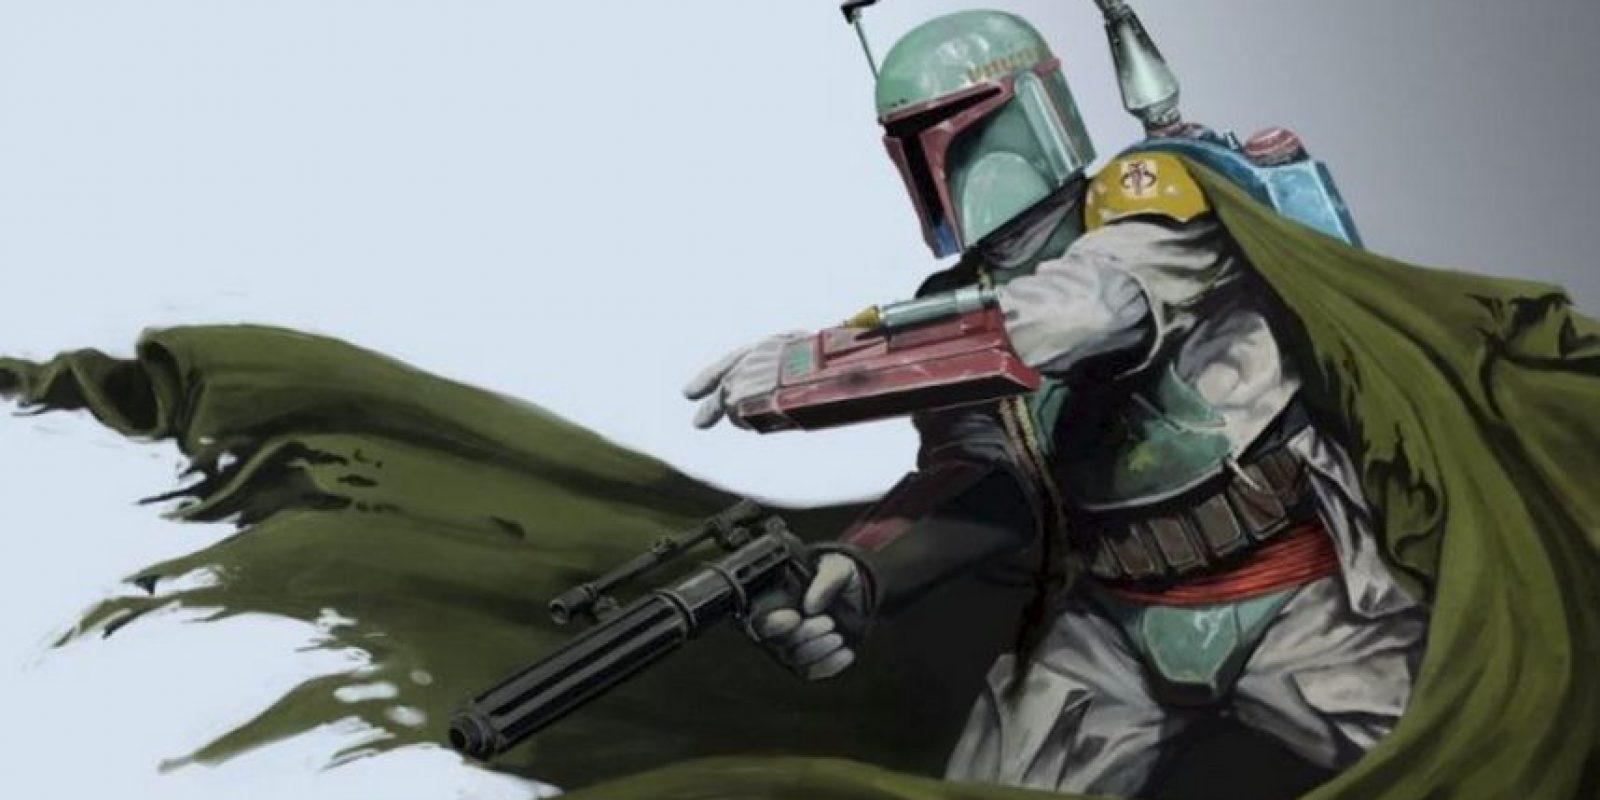 """Al ver la muerte de su padre en manos de un """"Jedi"""", Boba siguió los pasos de su padre Jango y se volvió eficaz en su trabajo, teniendo fama a nivel galáctico de ser el mejor cazarrecompensas Foto:twitter.com/Twilightish"""